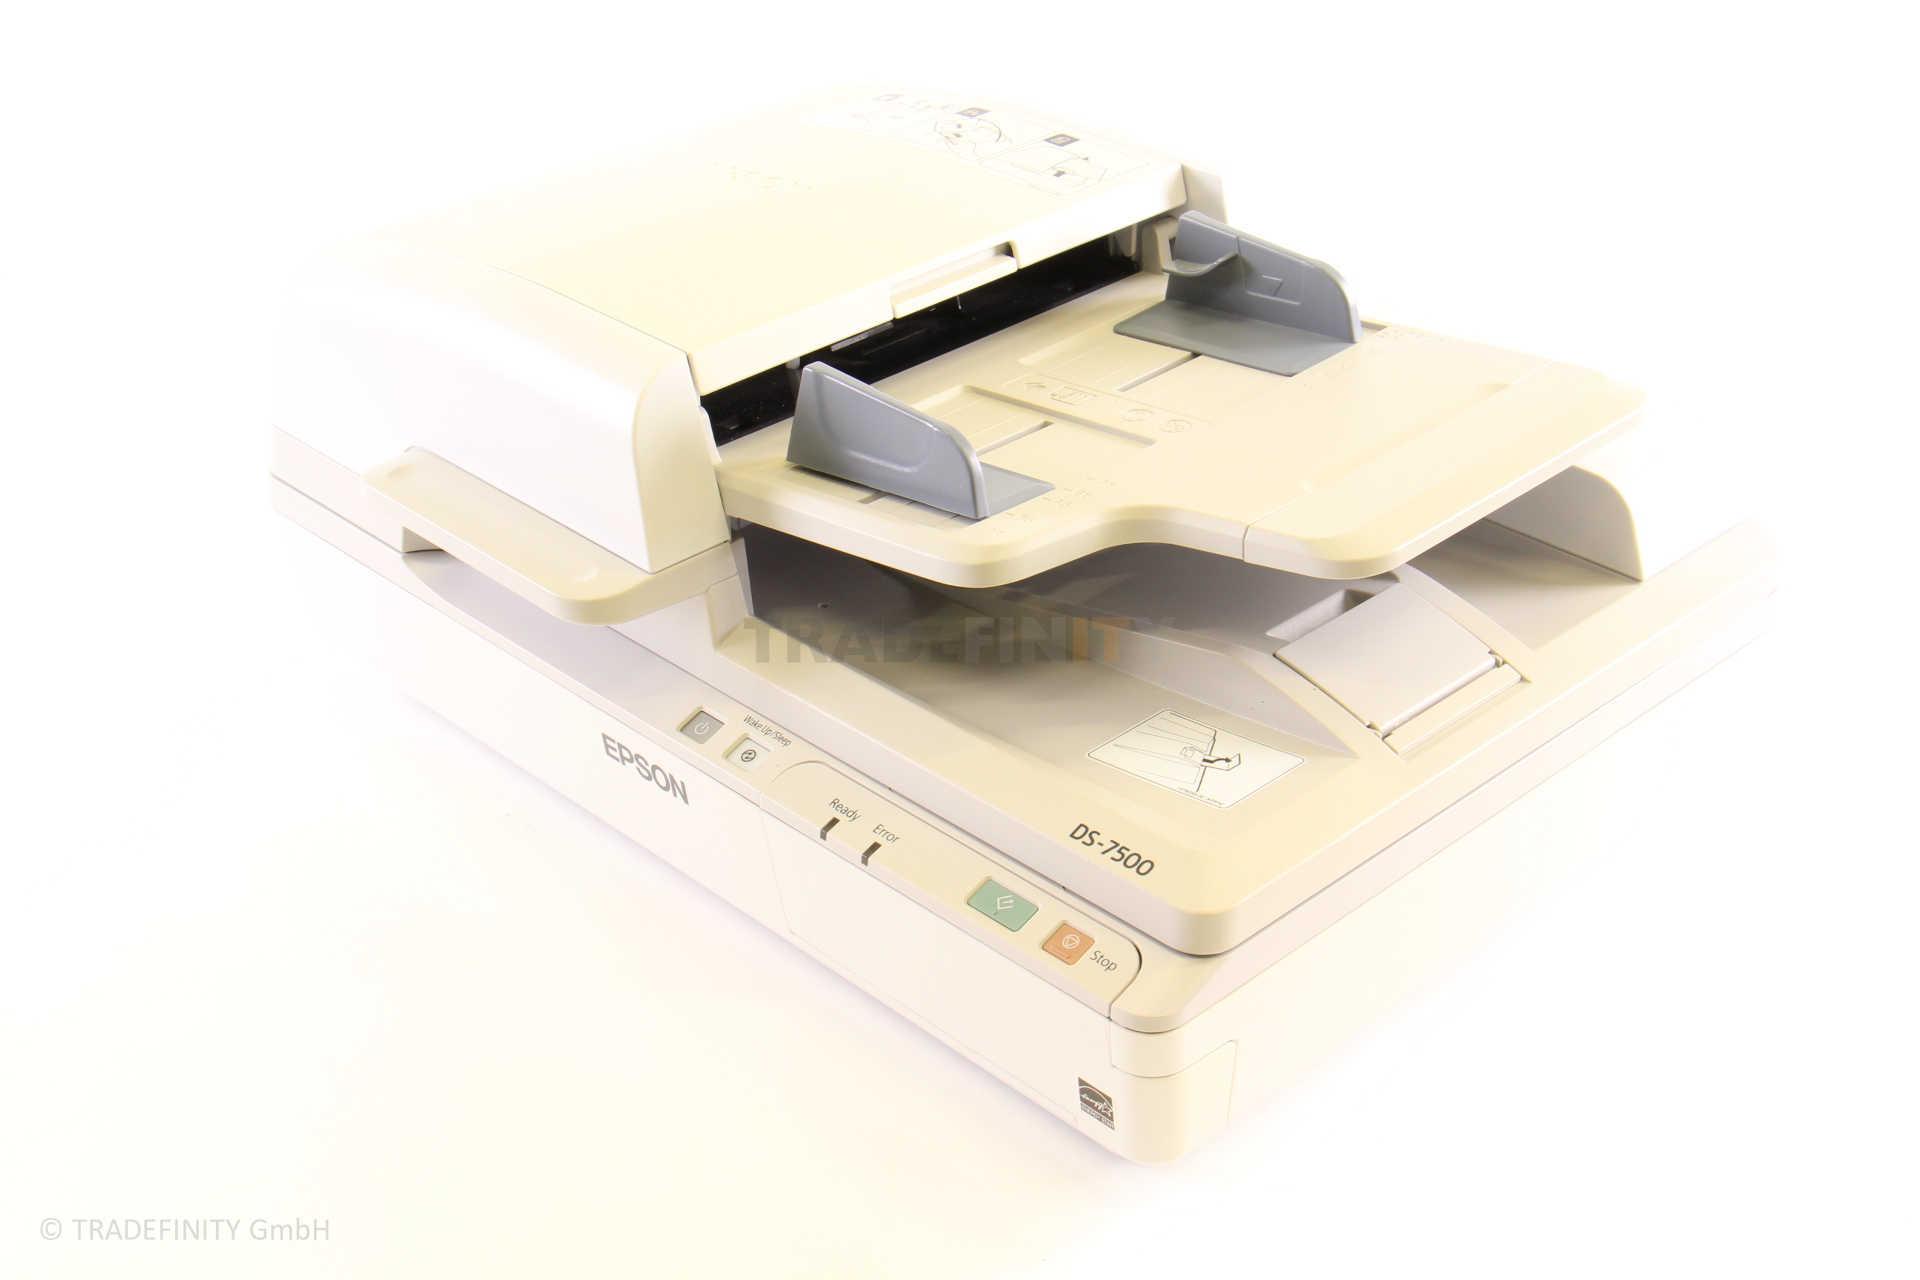 WorkForce DS-7500 ADF (Automatic Document Feeder), Duplex Scanning